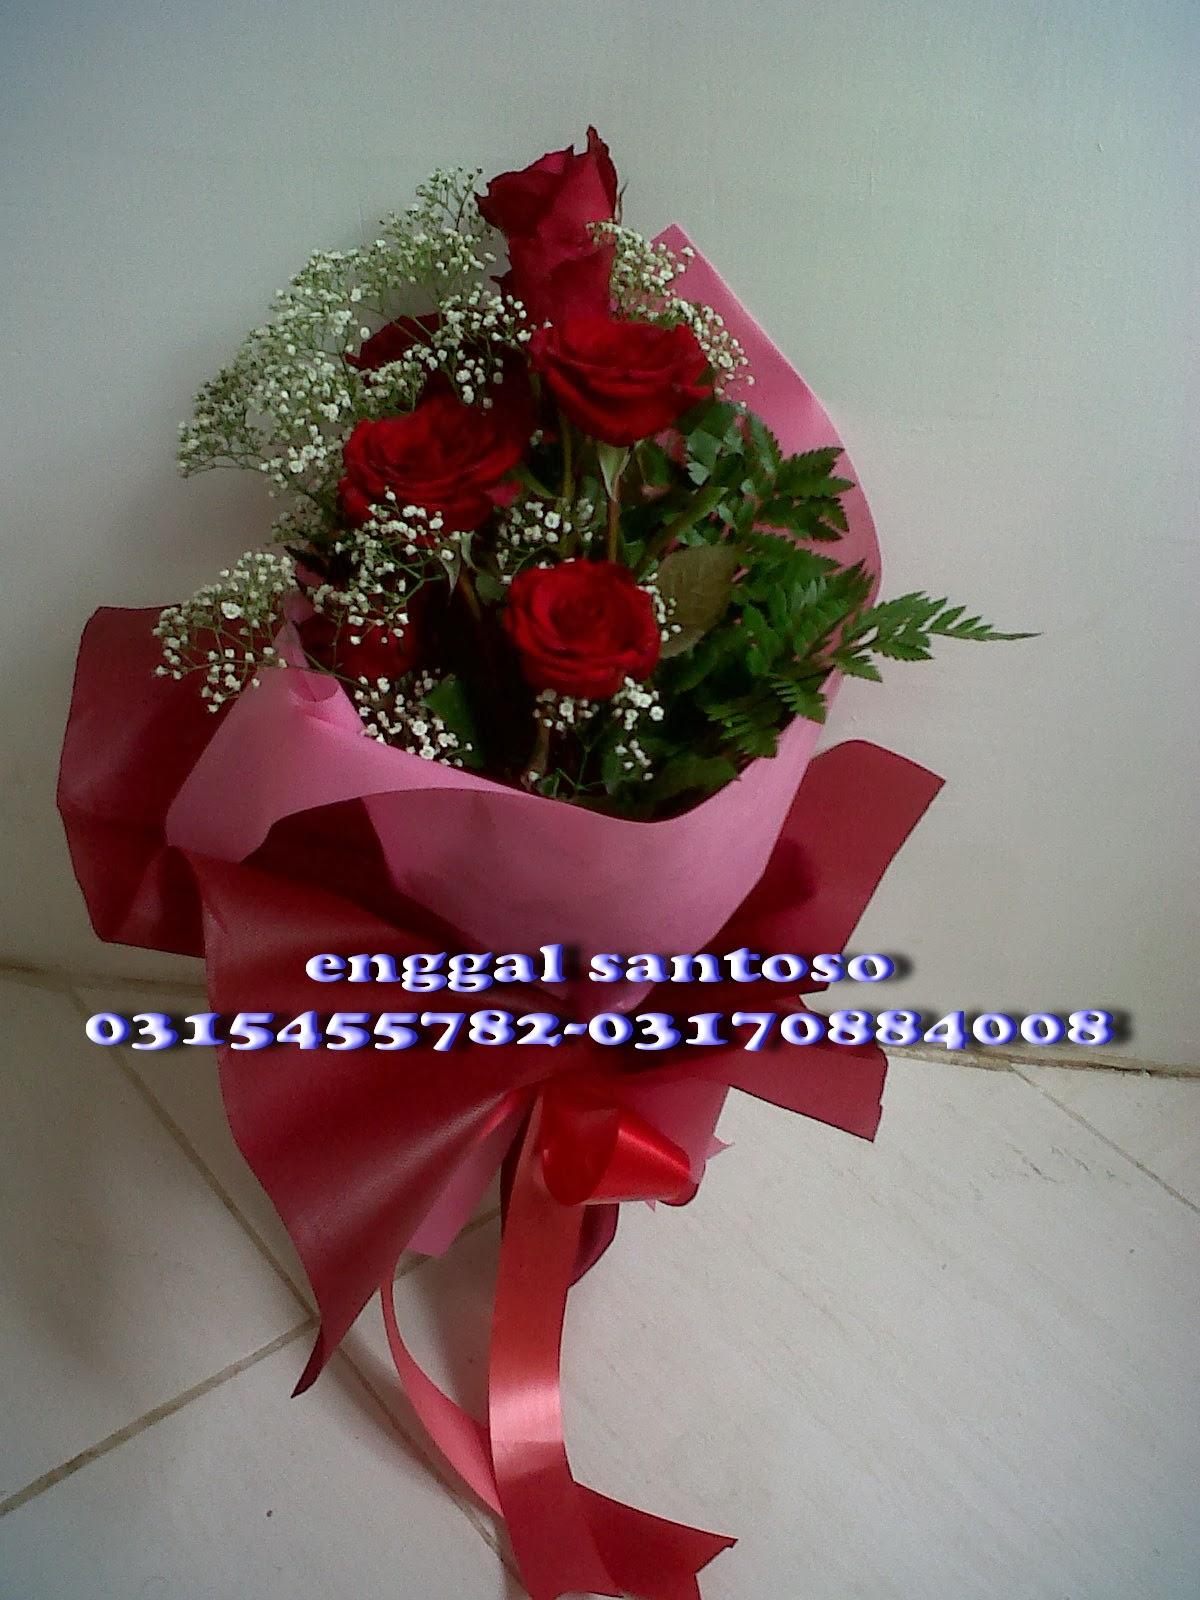 fourhand bunga segar